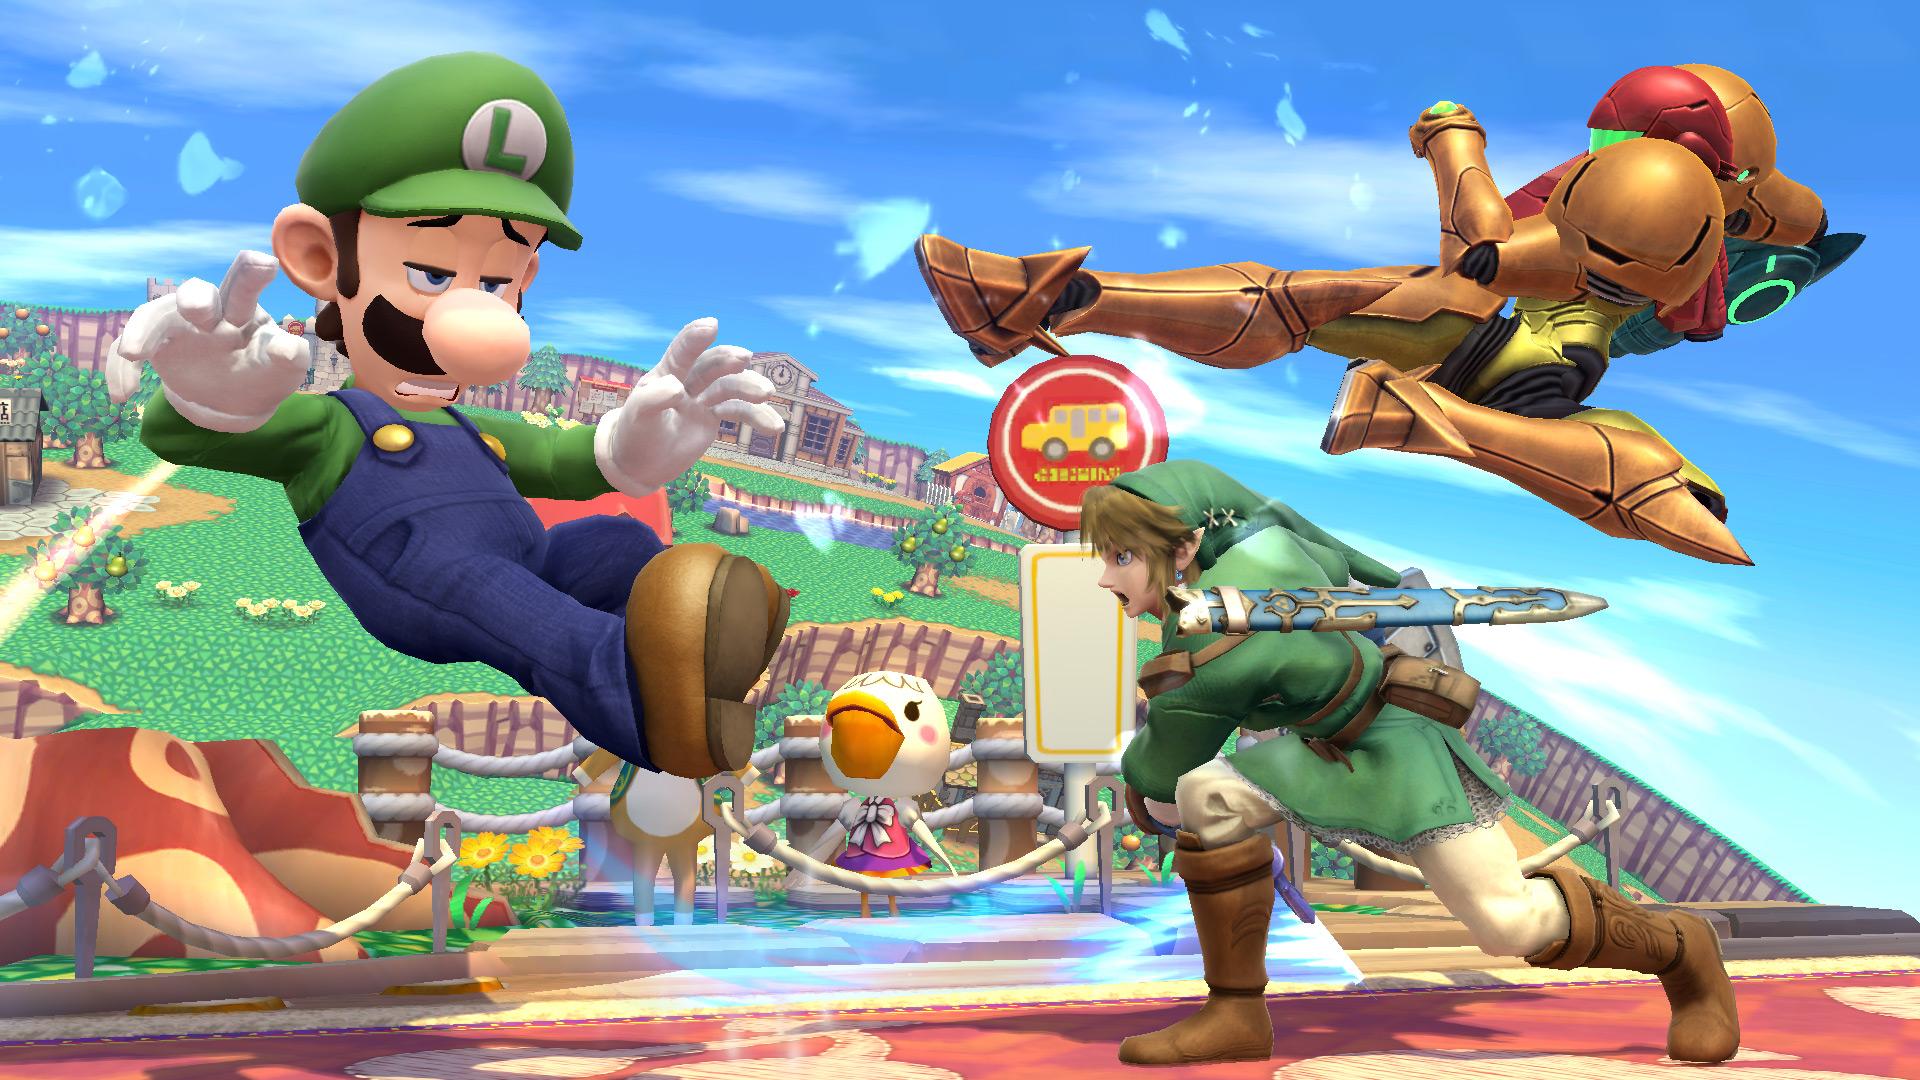 Los 20 Mejores Juegos De Wii U Los 20 Mejores Juegos